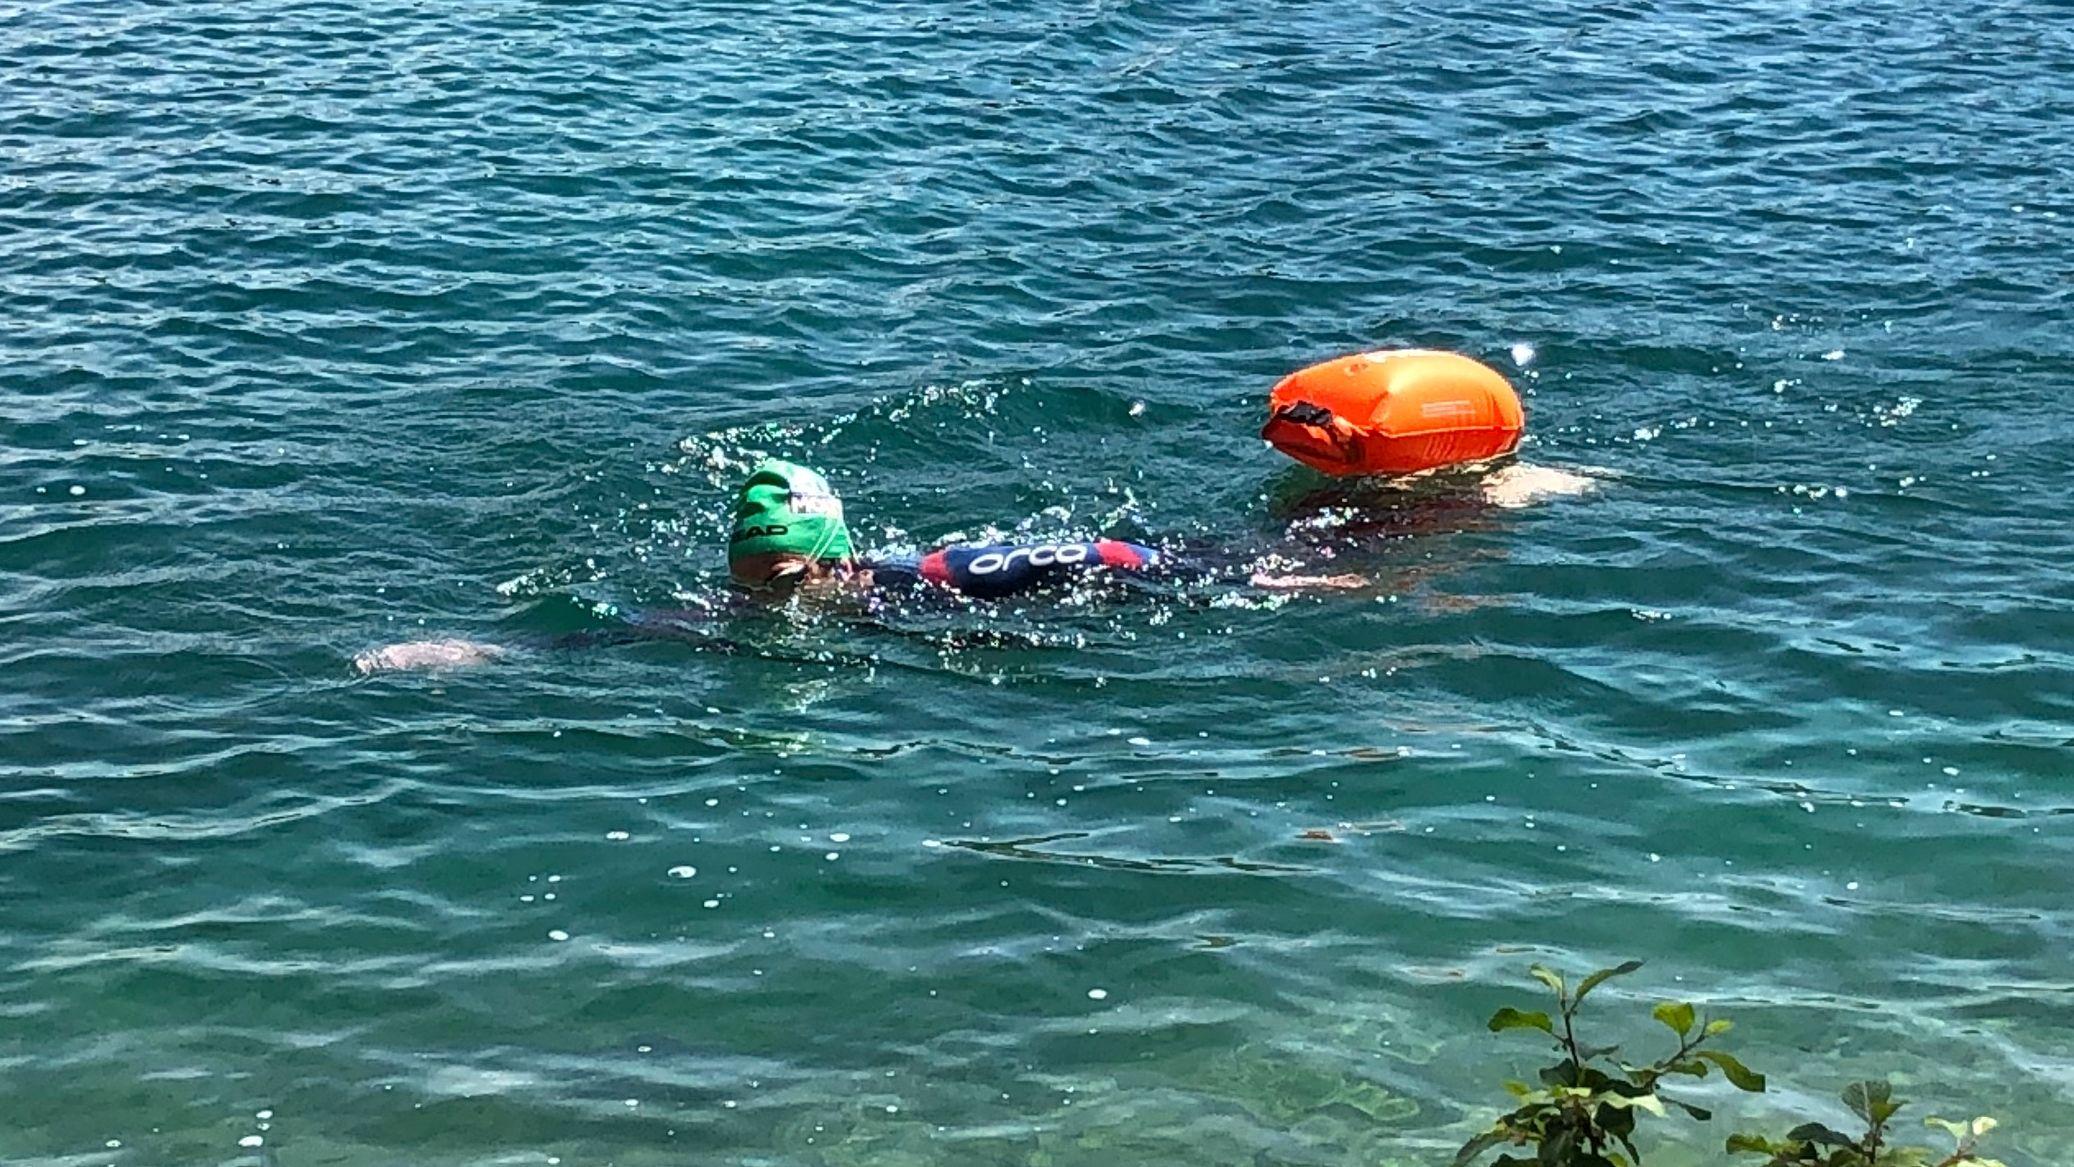 Helfer in der Not: Schwimmbojen gibt es schon für 40 Euro